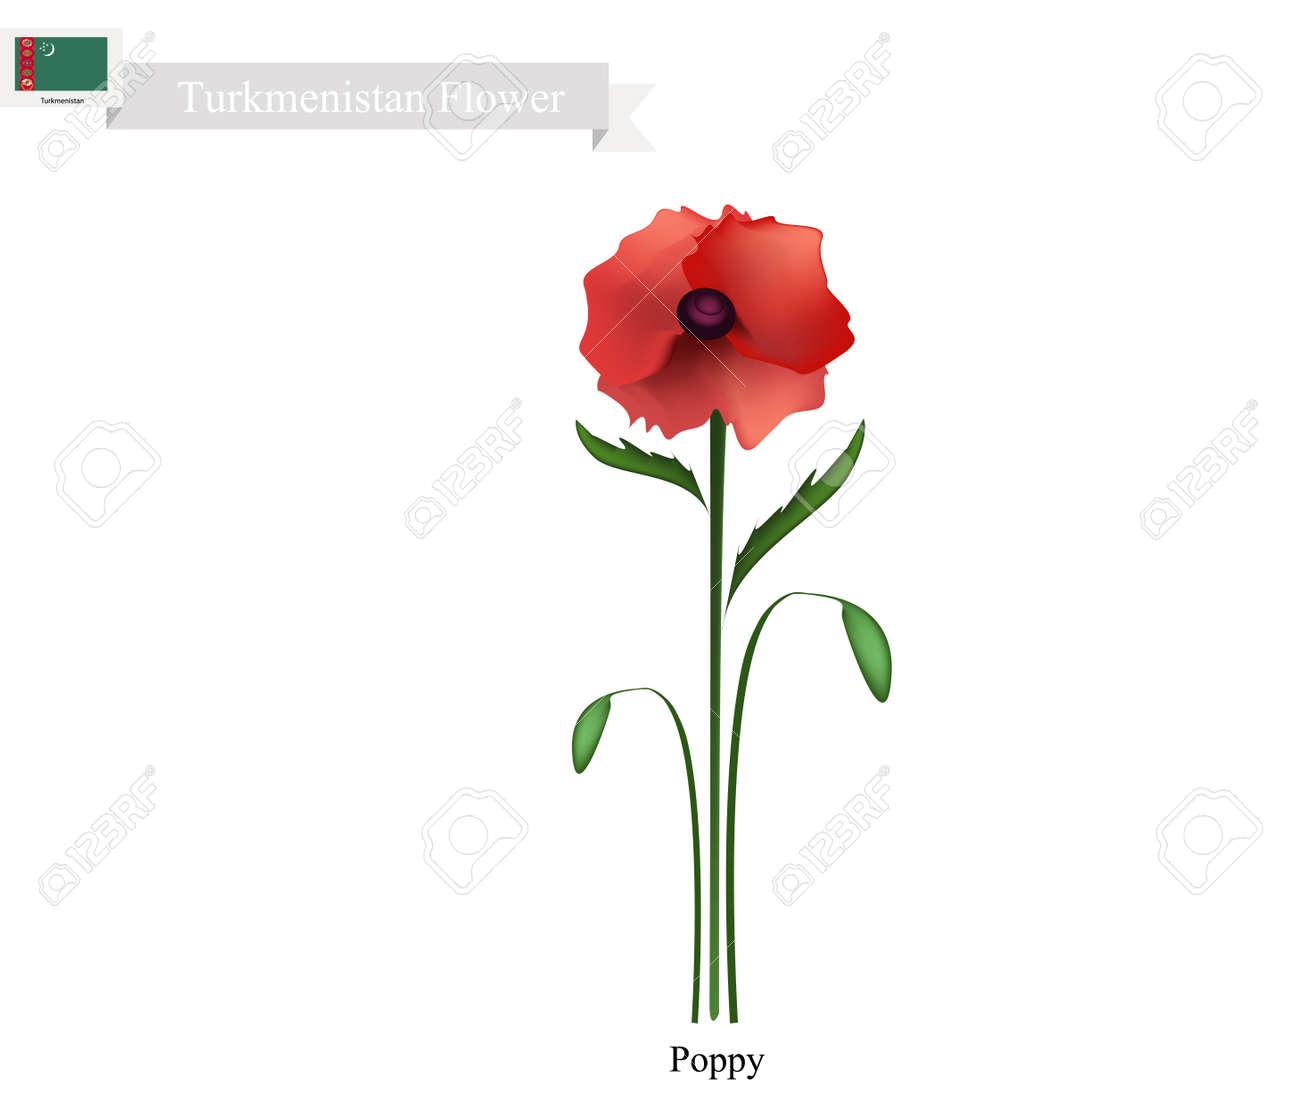 Turkmenistan flower illustration of red poppy flower one of turkmenistan flower illustration of red poppy flower one of the most popular flower in mightylinksfo